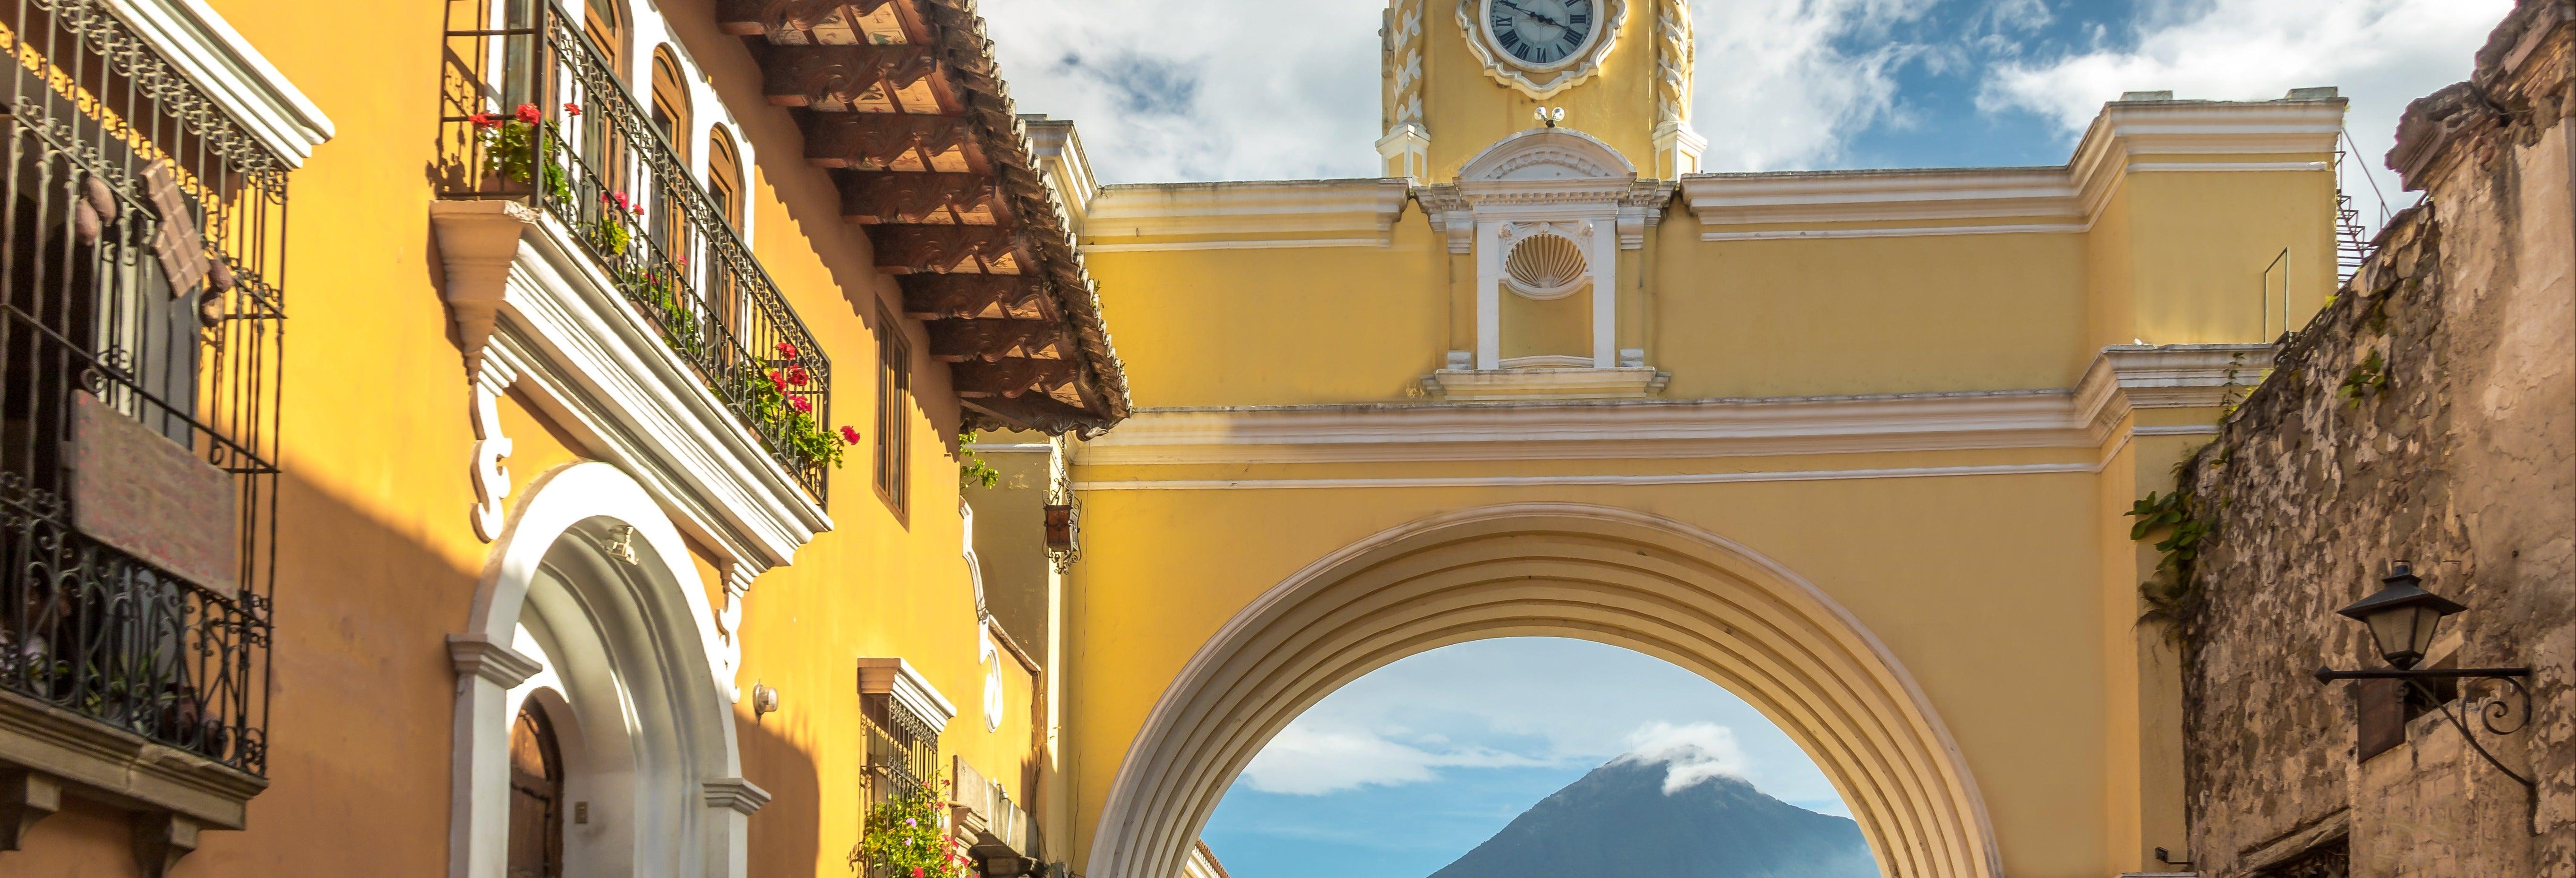 Guatemala History Tour